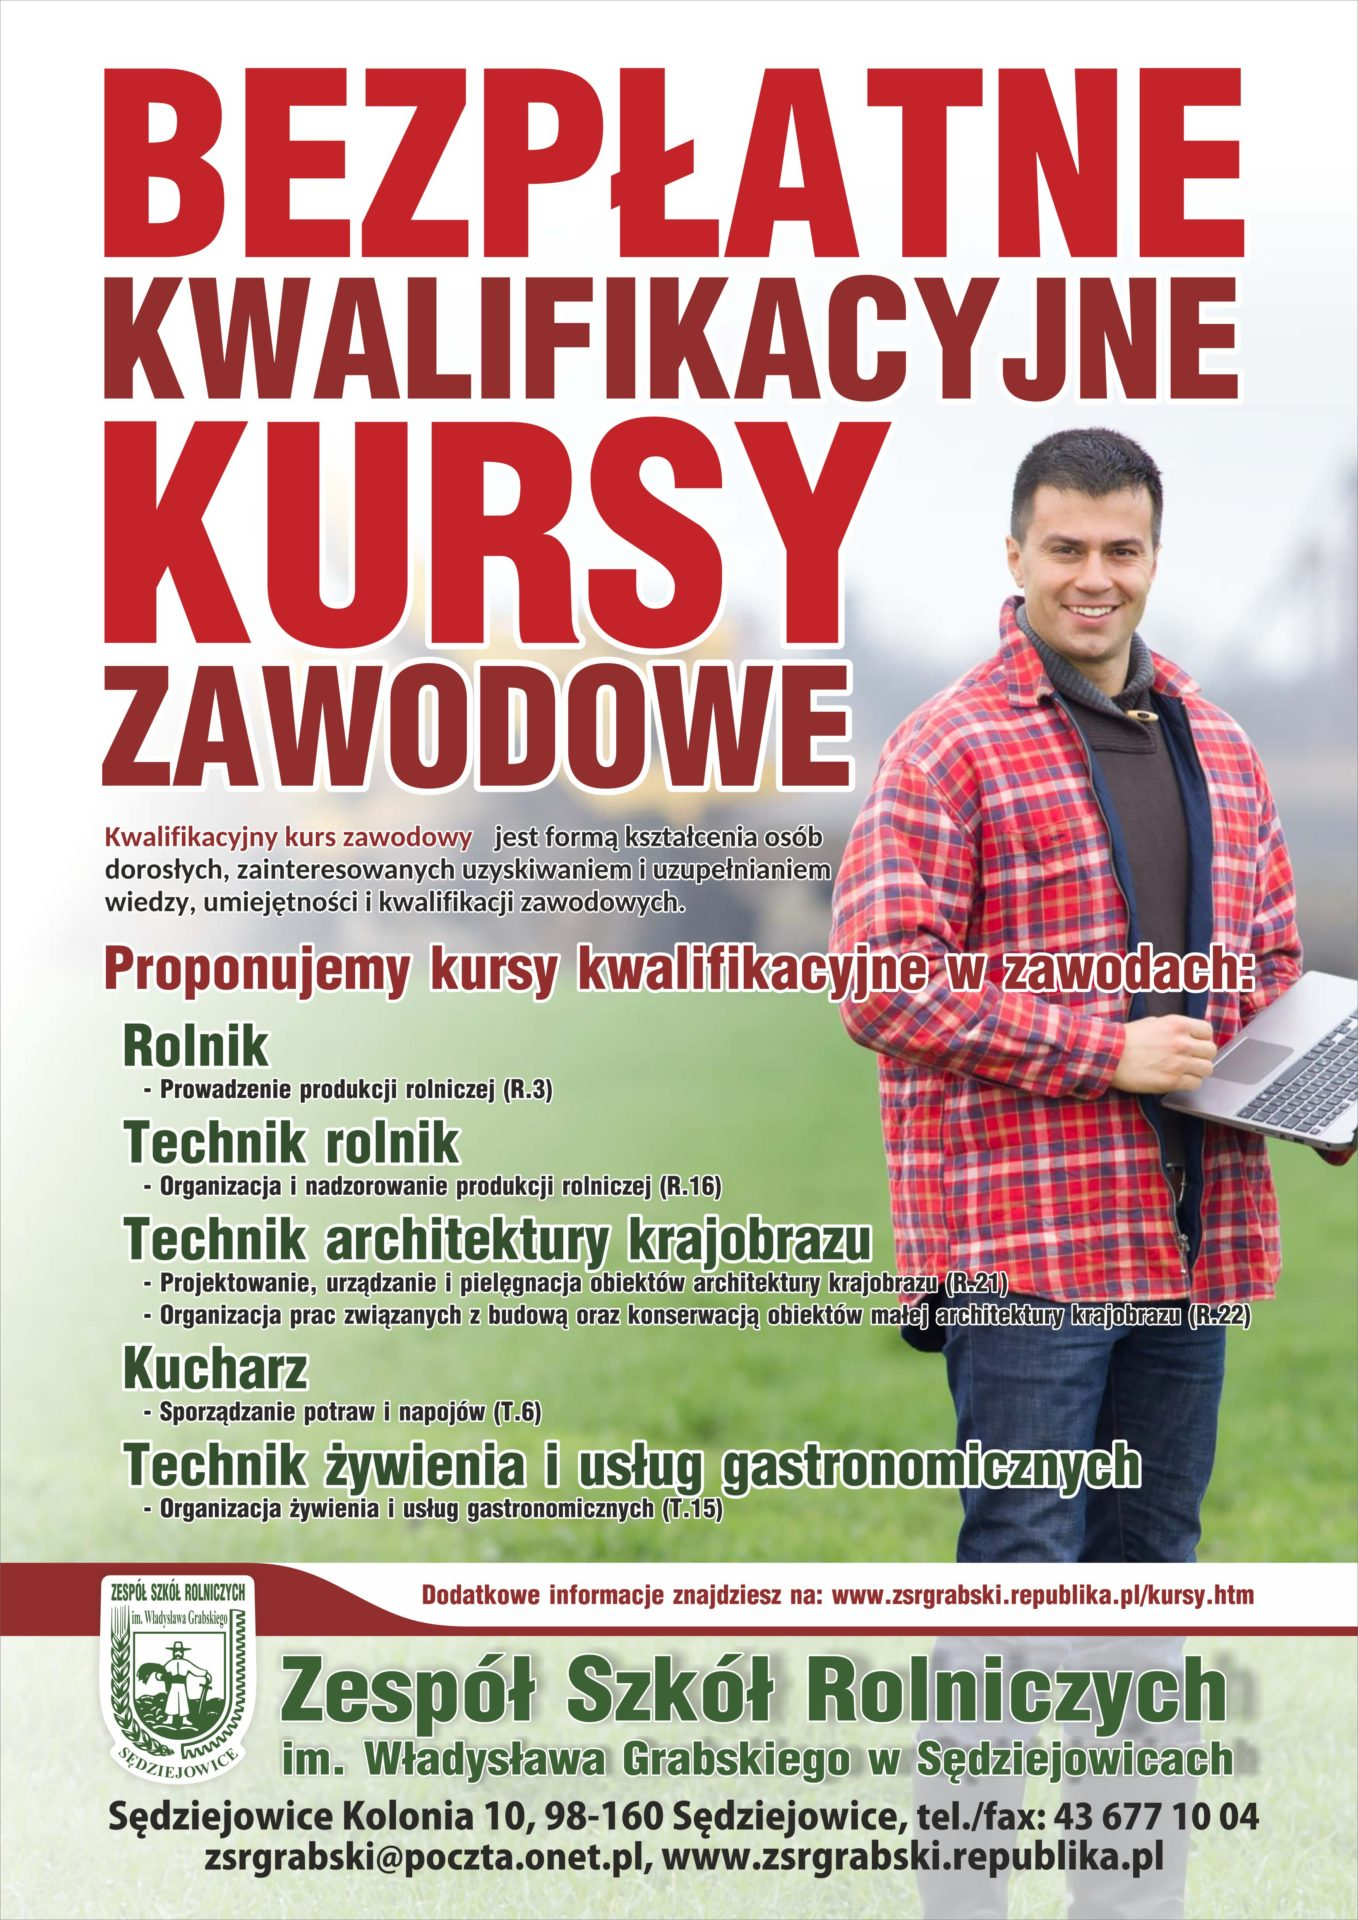 ZSR w Sędziejowicach zaprasza na bezpłatne kursy!